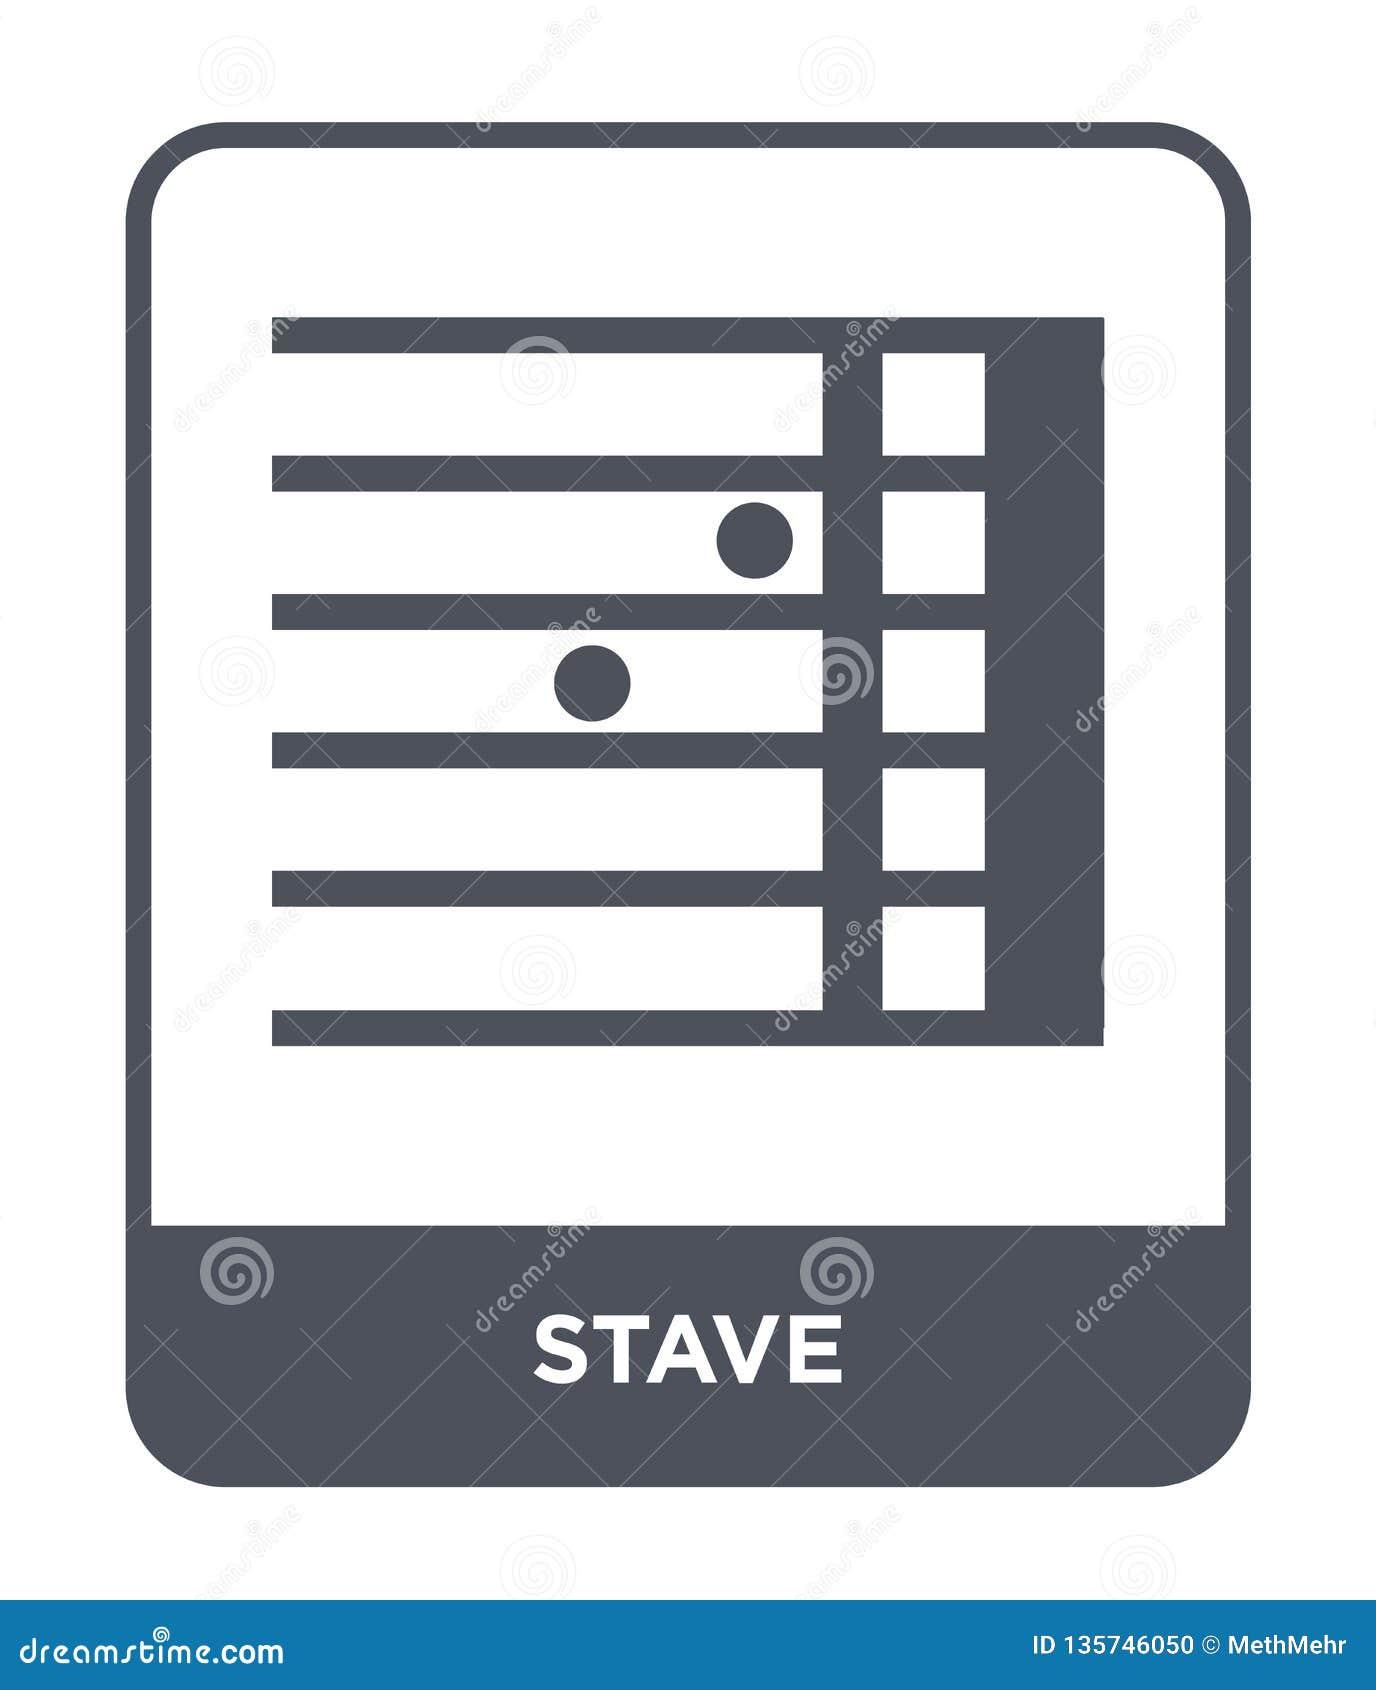 Icono del bastón en estilo de moda del diseño icono del bastón aislado en el fondo blanco símbolo plano simple y moderno del icon